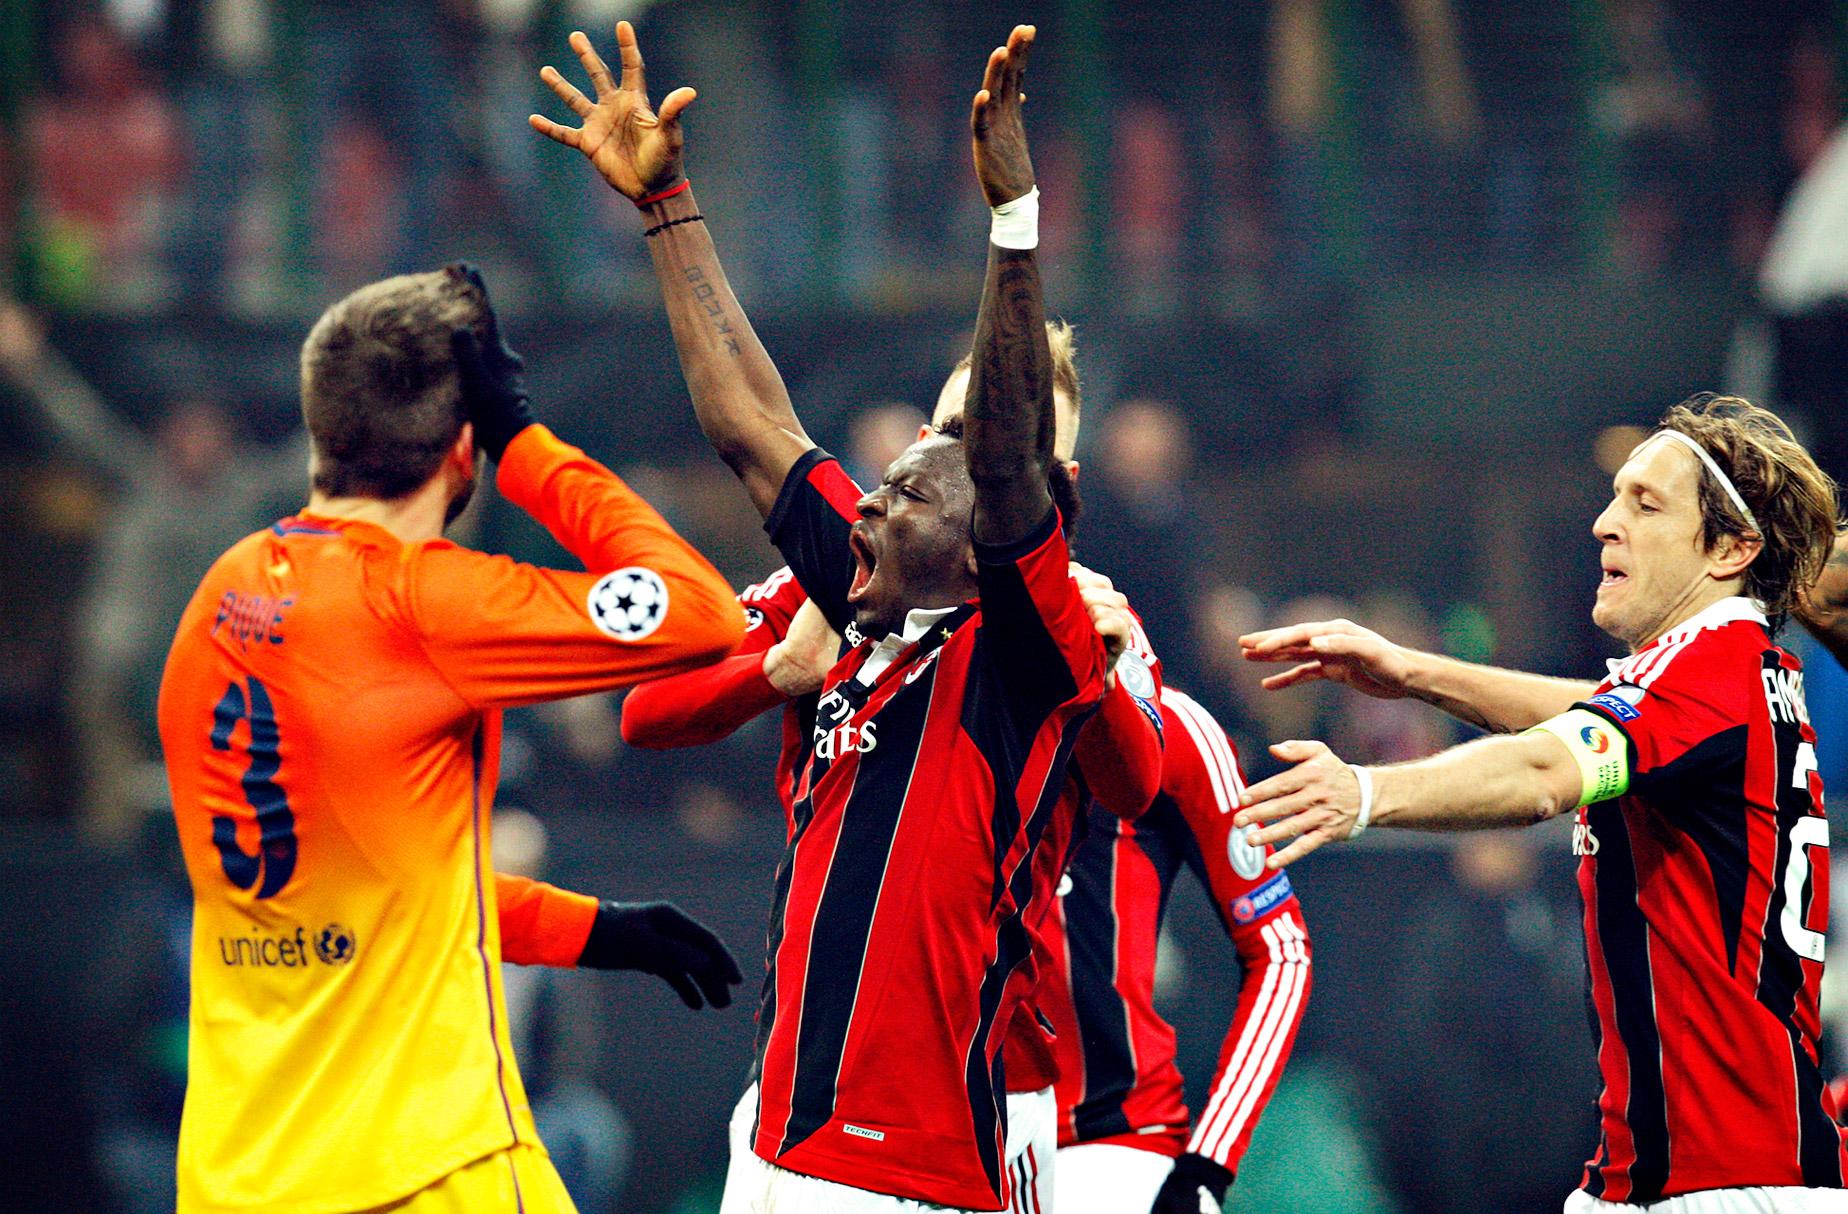 Milan miracle